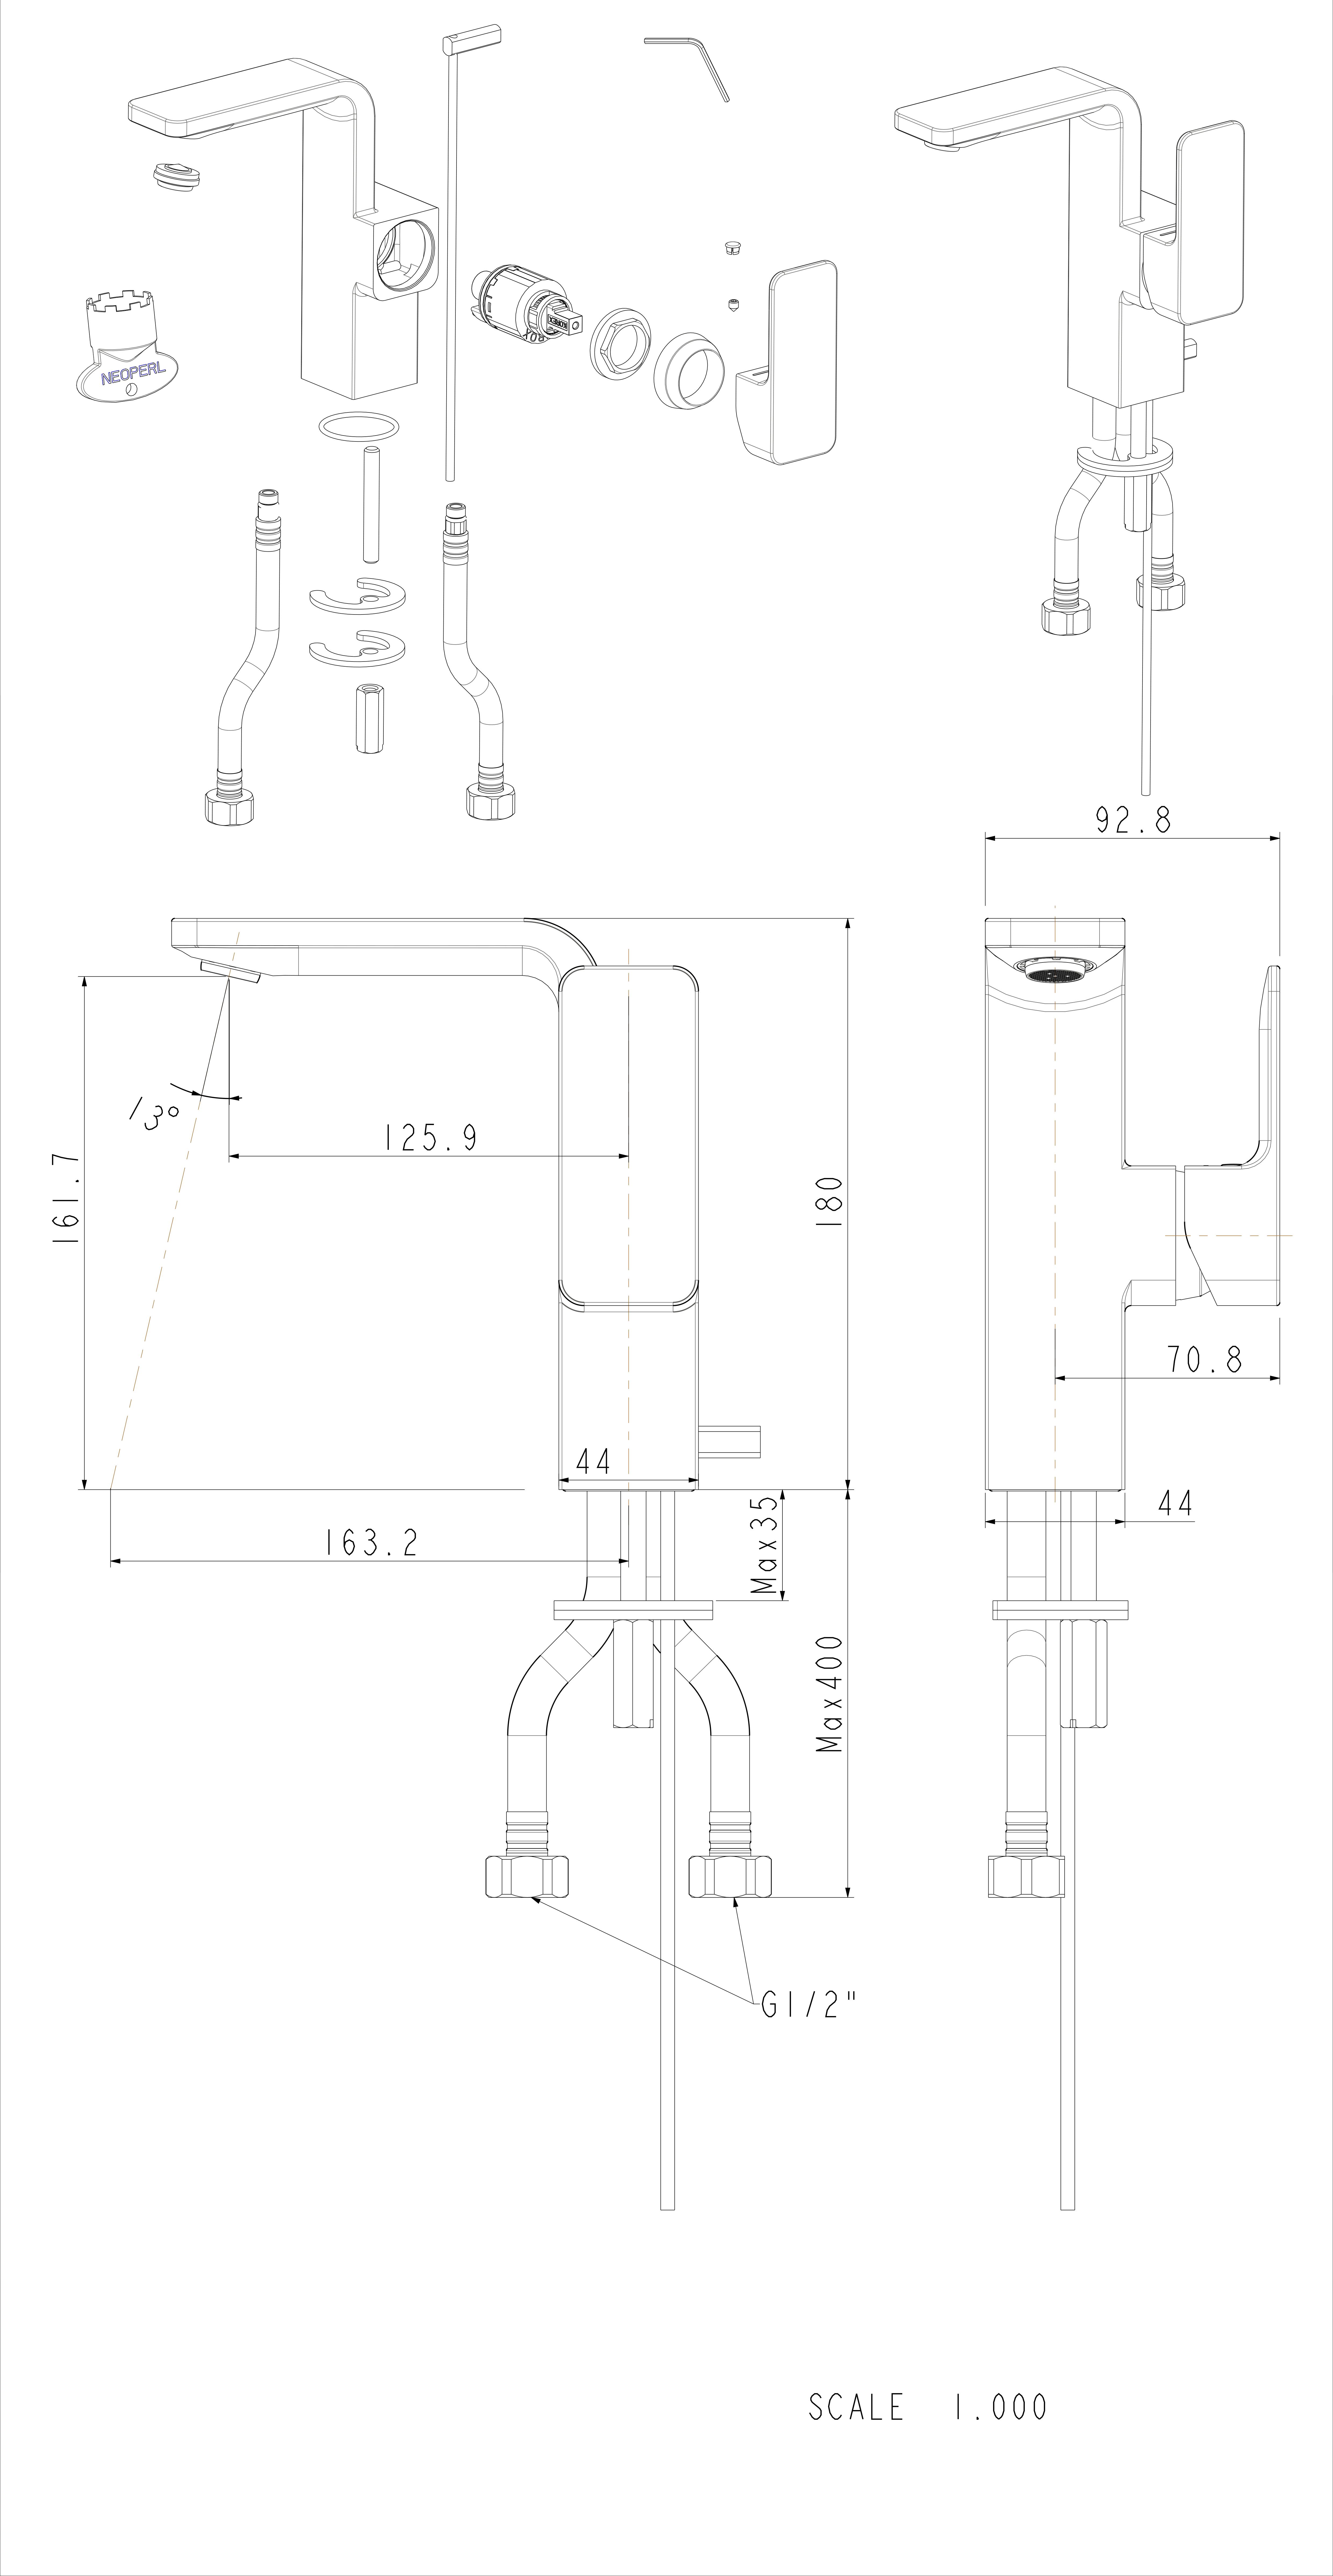 acacia-e-single-side-basin-mixer-specs